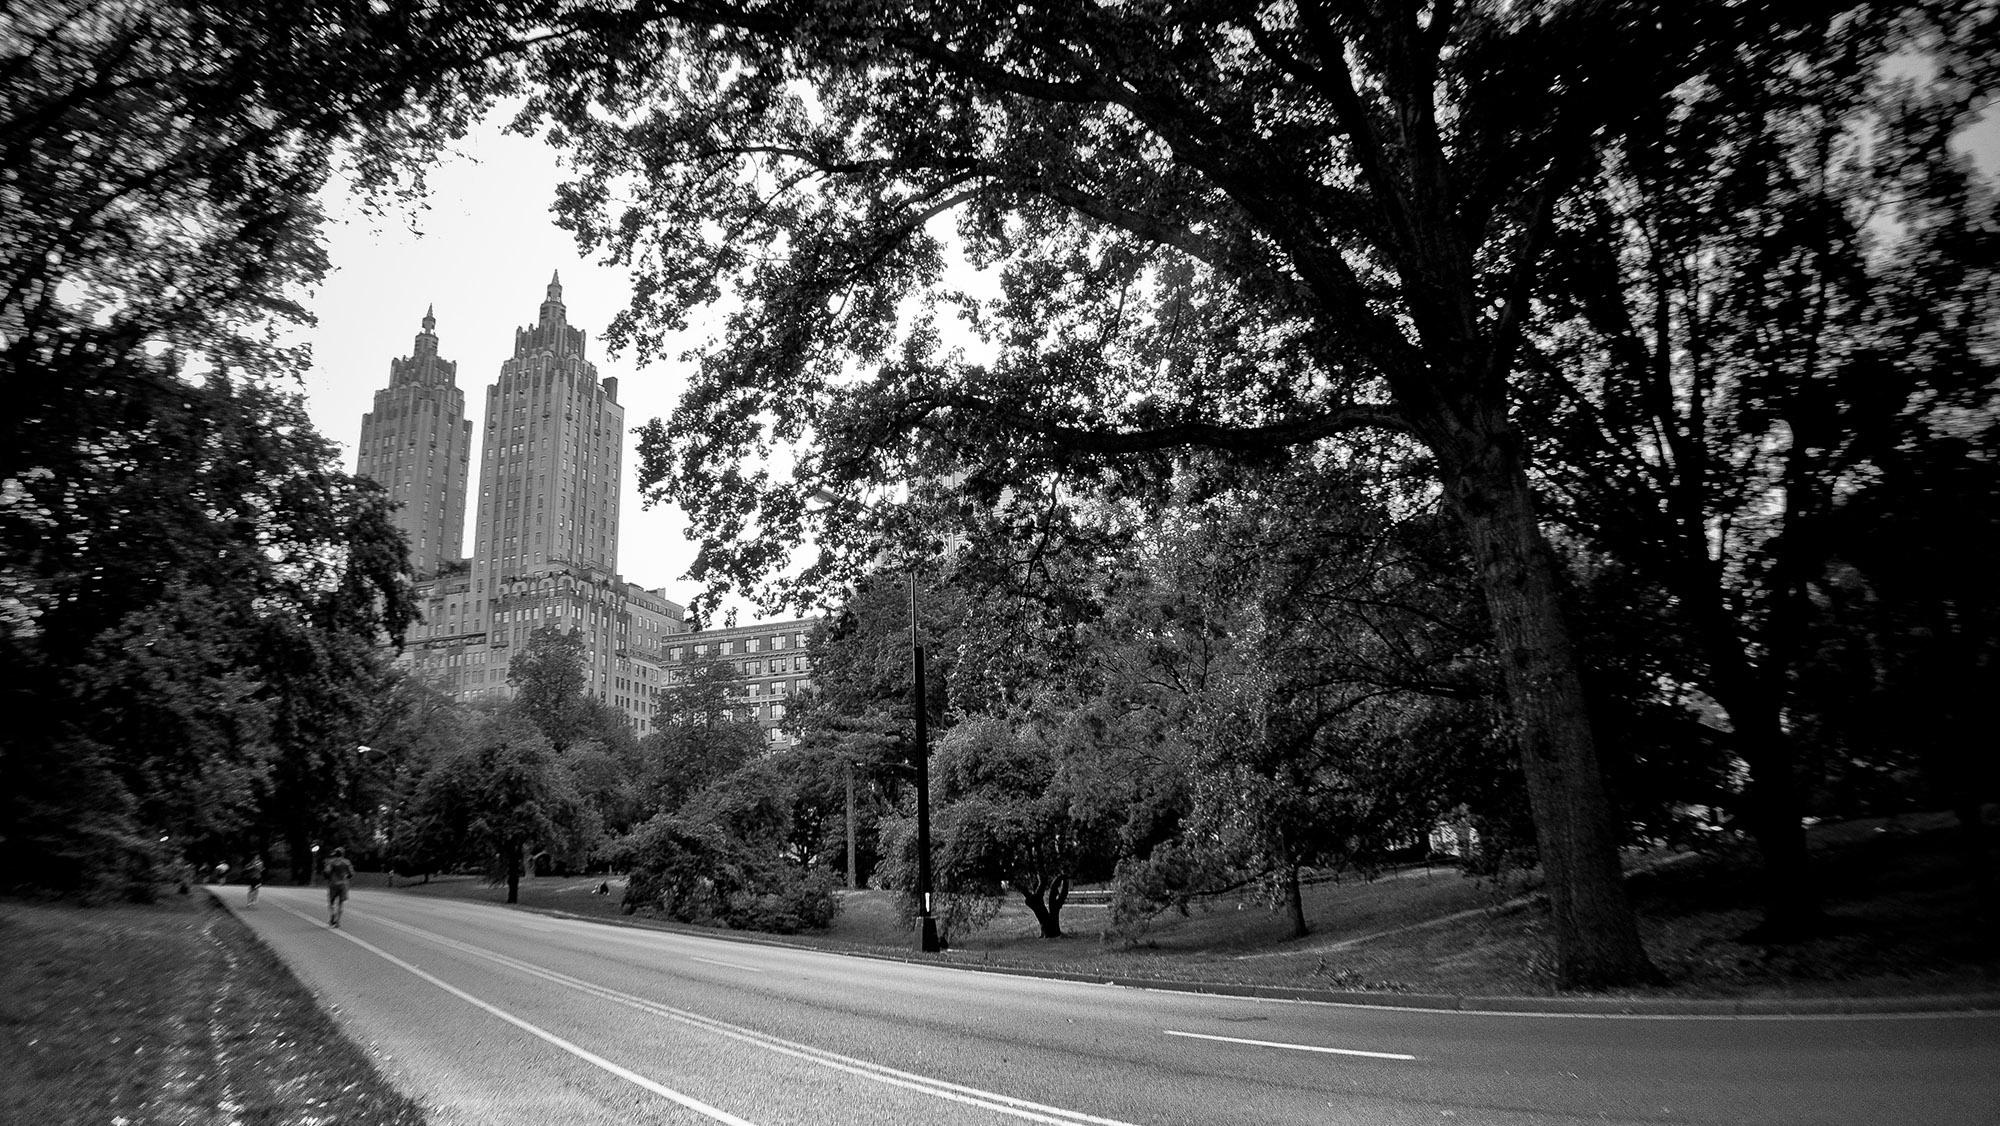 The El Dorado, Central Park, New York